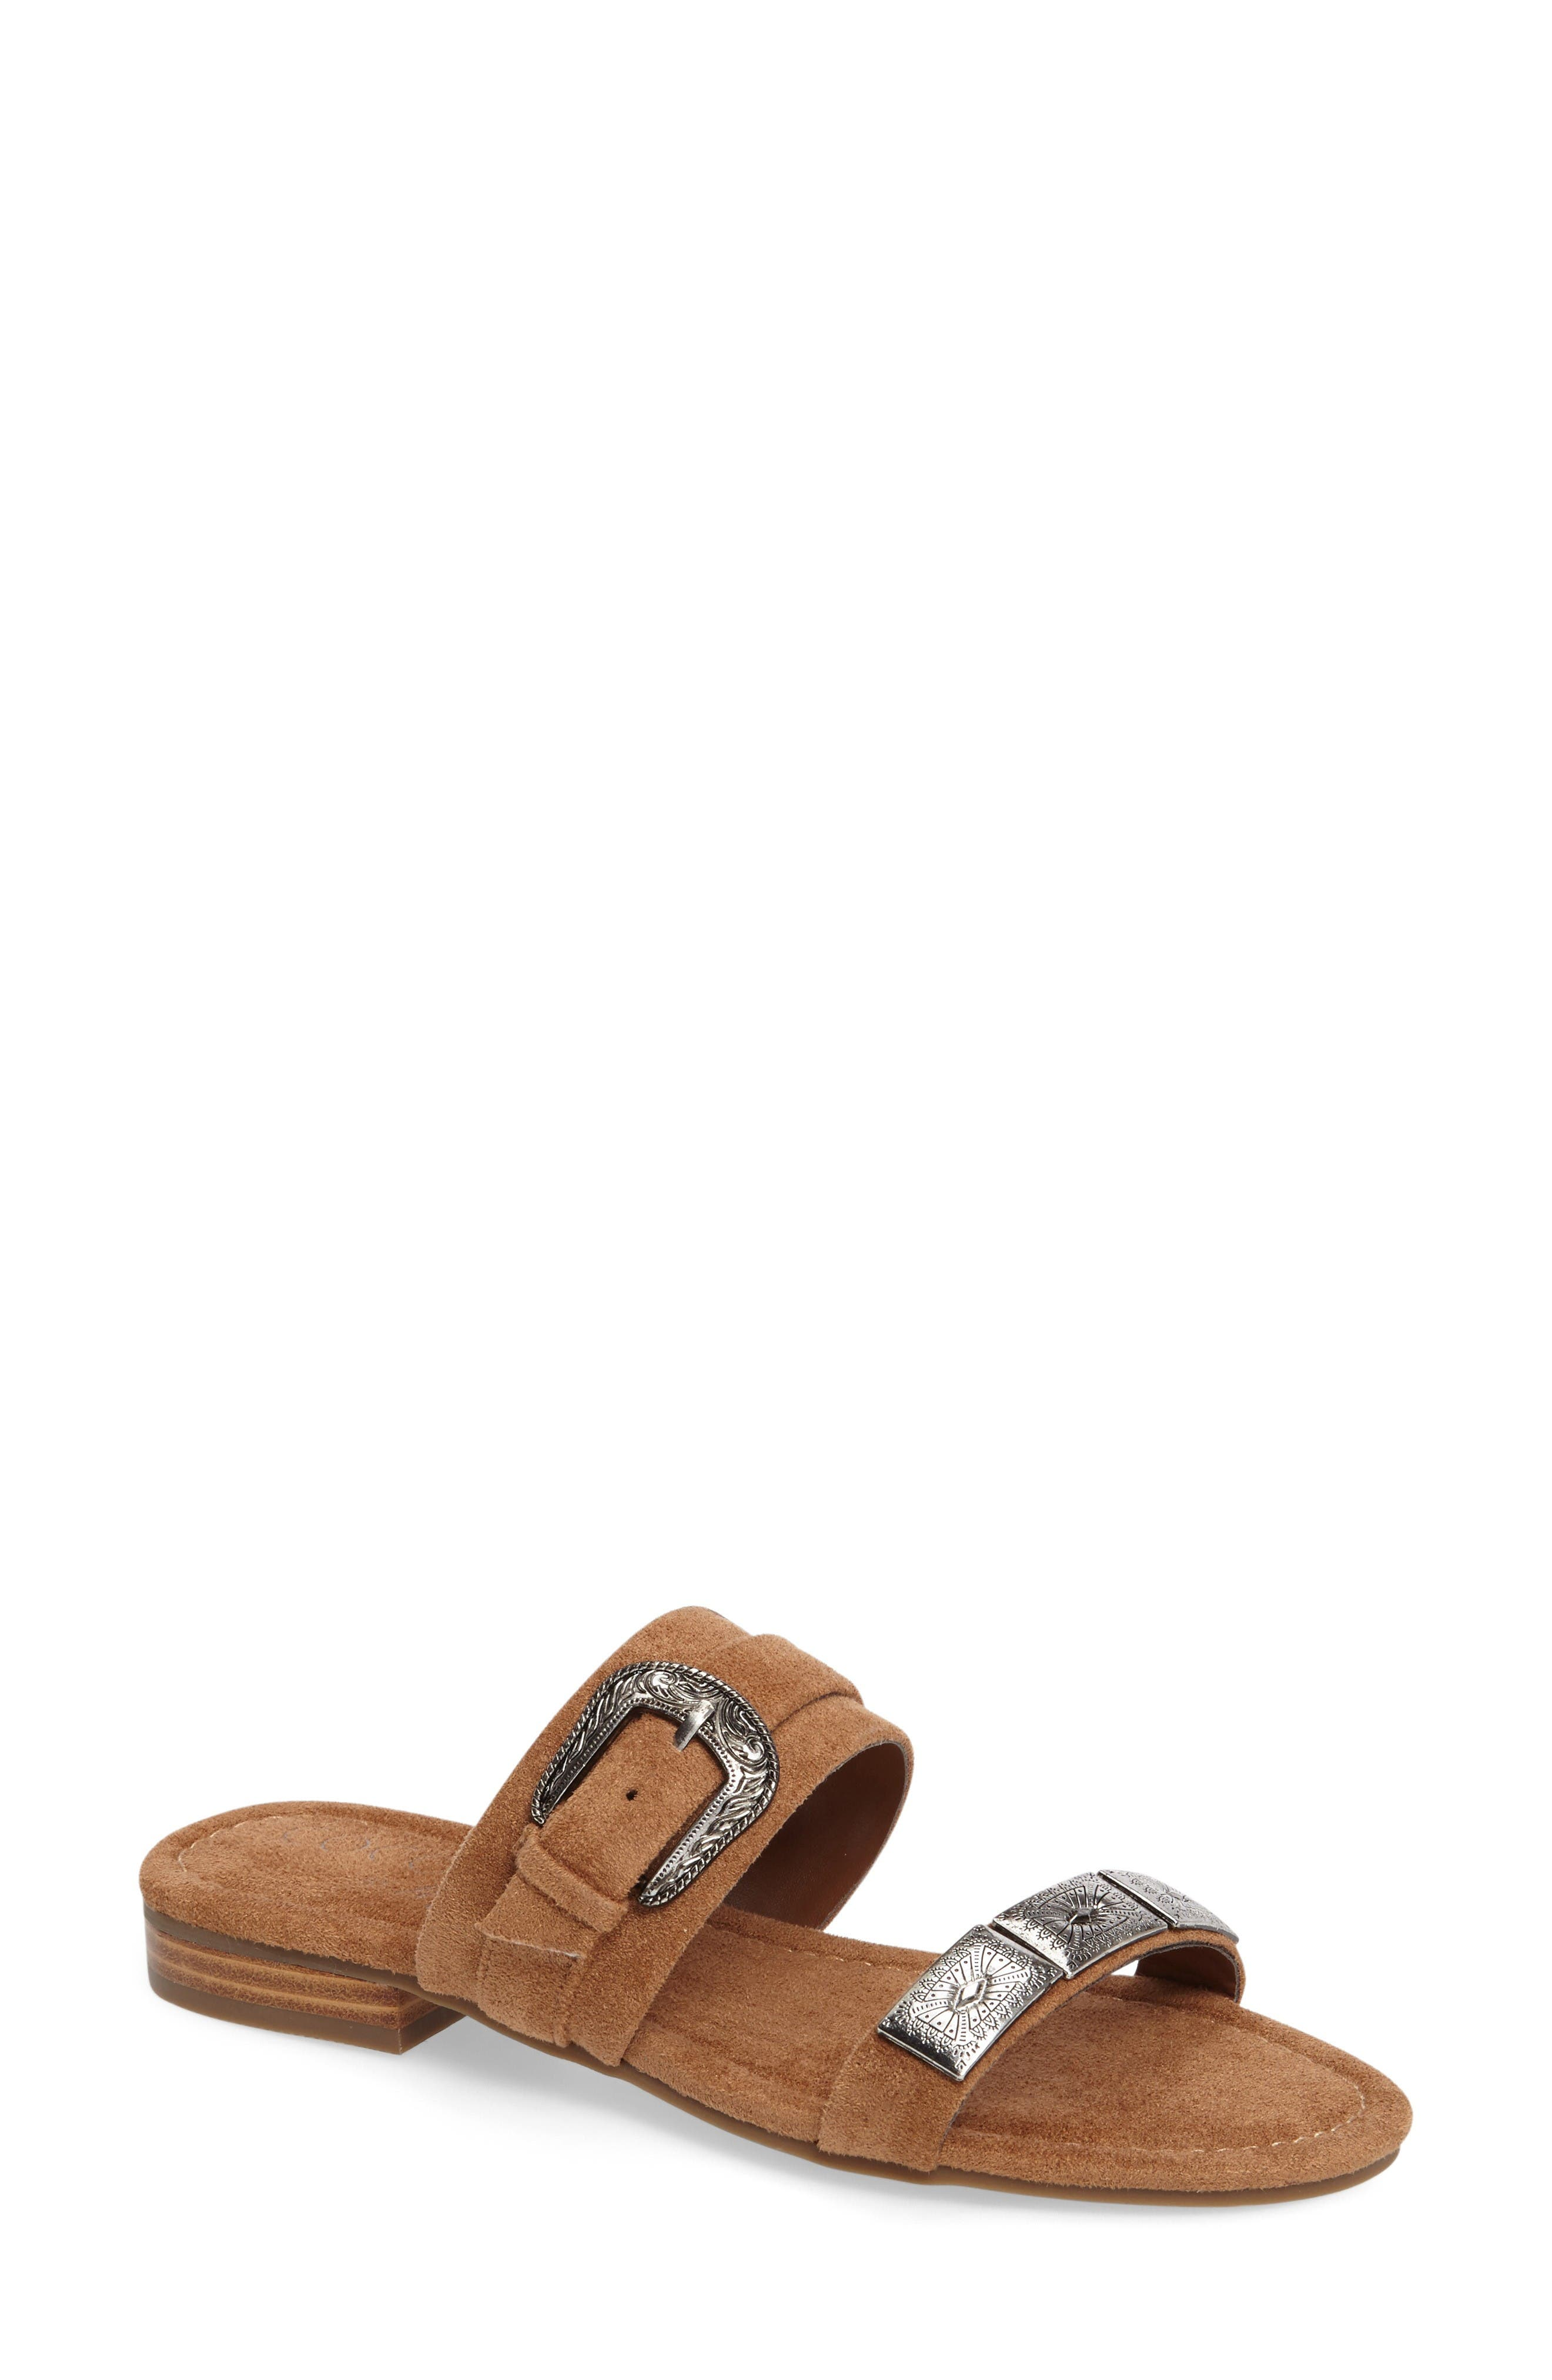 Main Image - Matisse Brantley Buckle Slide Sandal (Women)